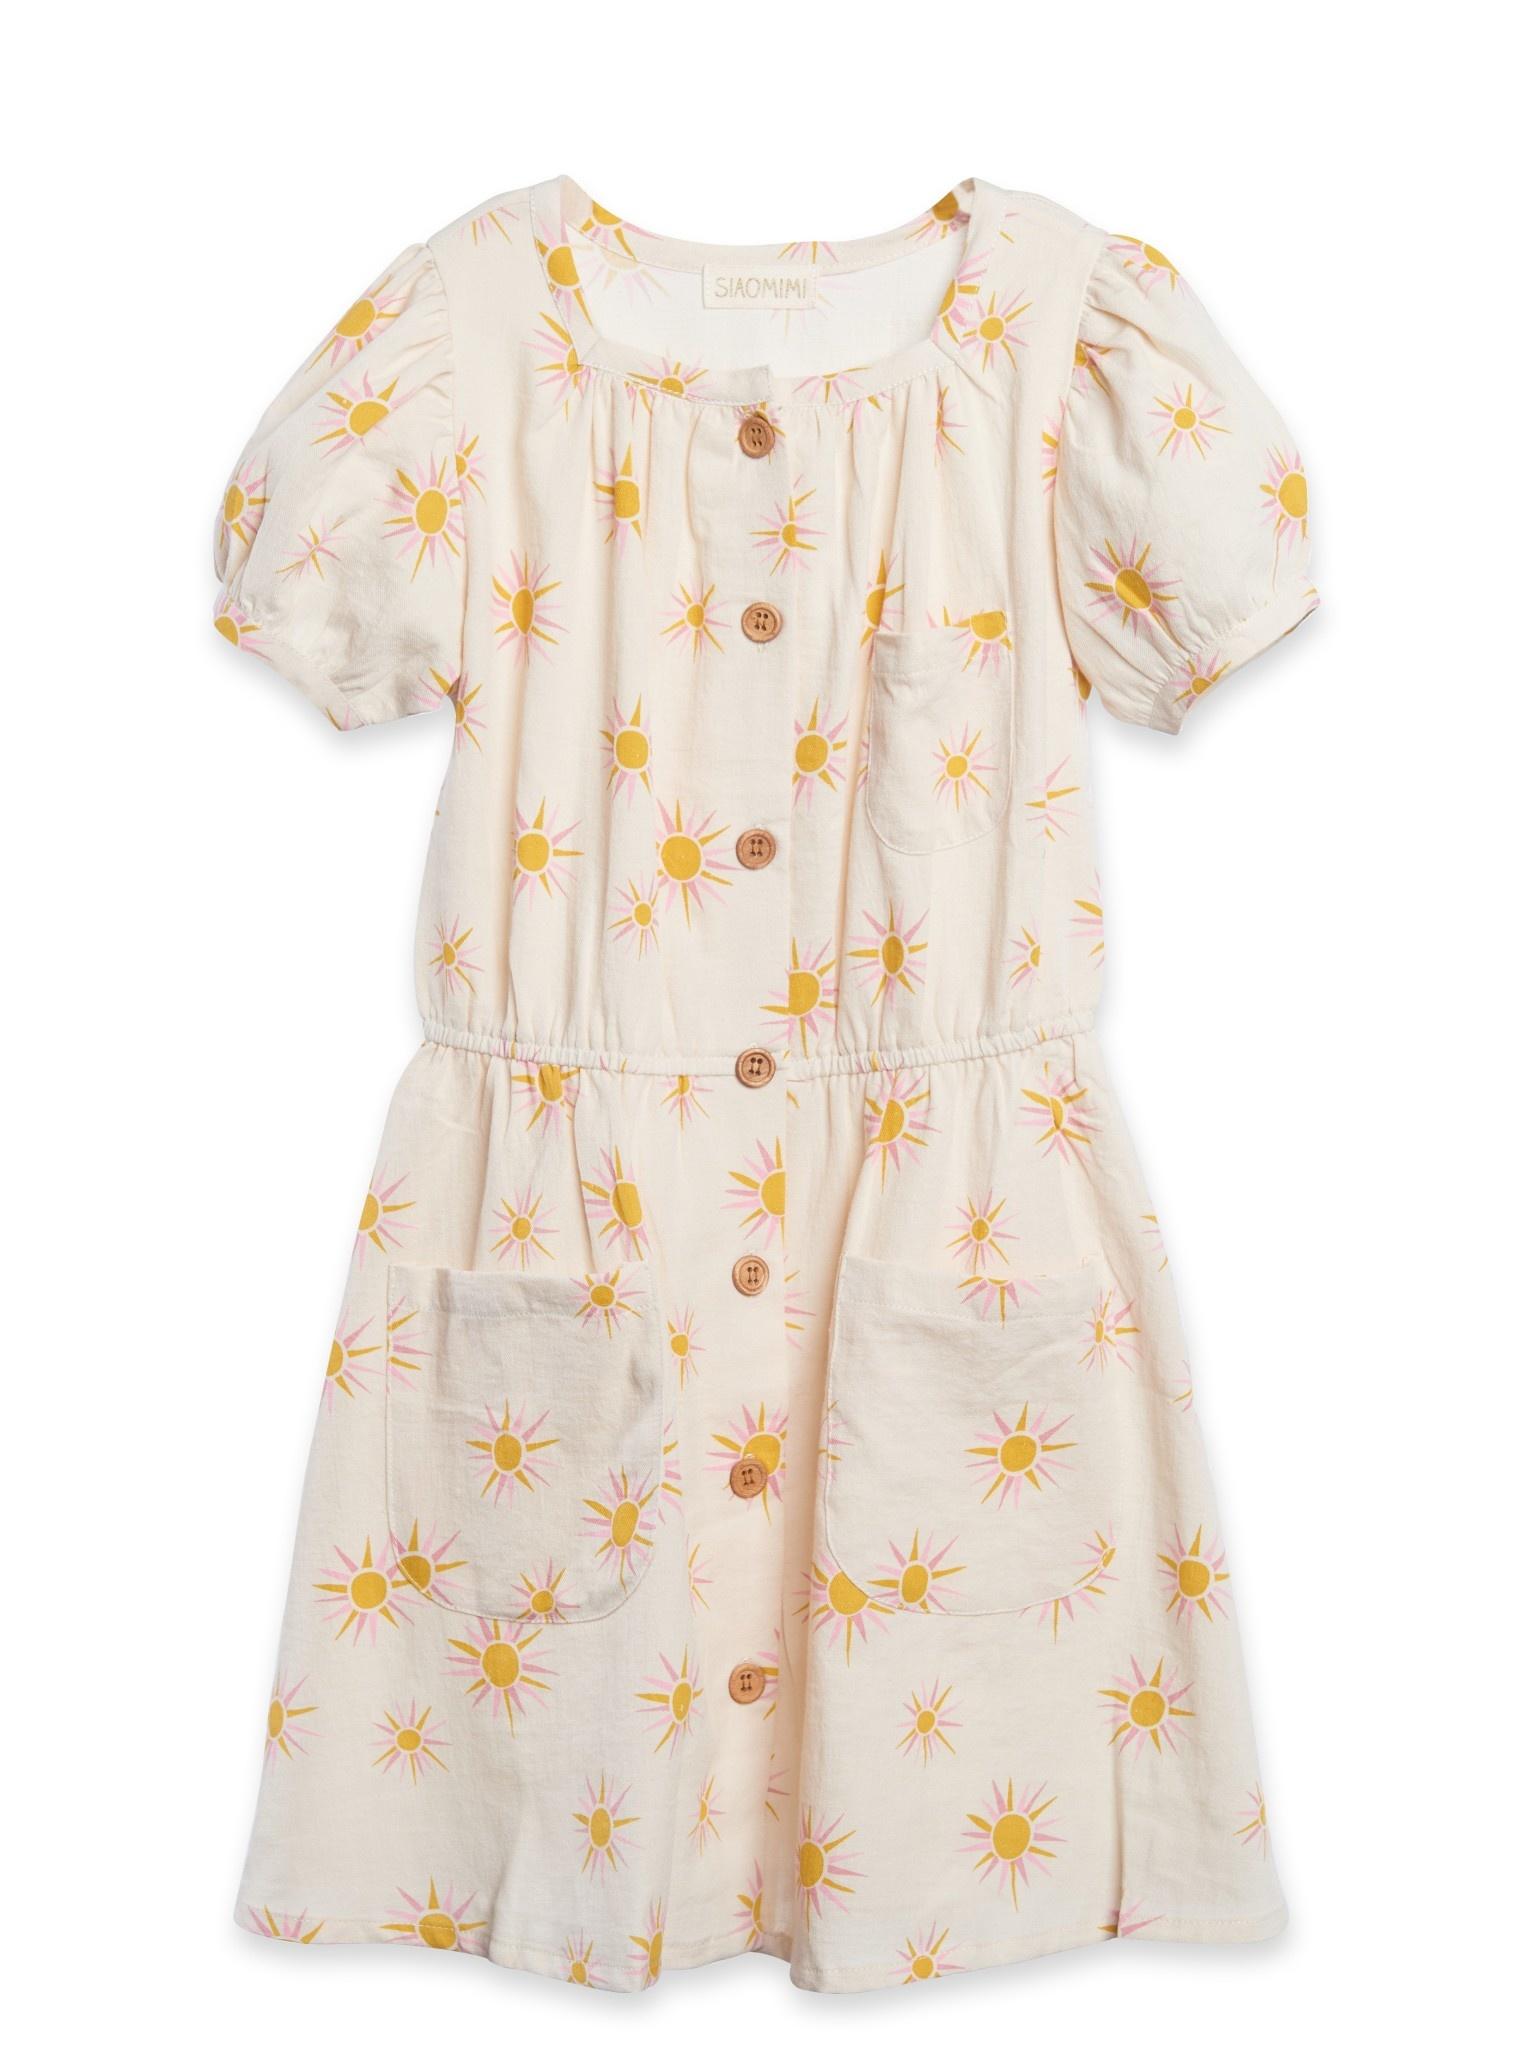 Siaomimi Lucca Dress - Cream Sun